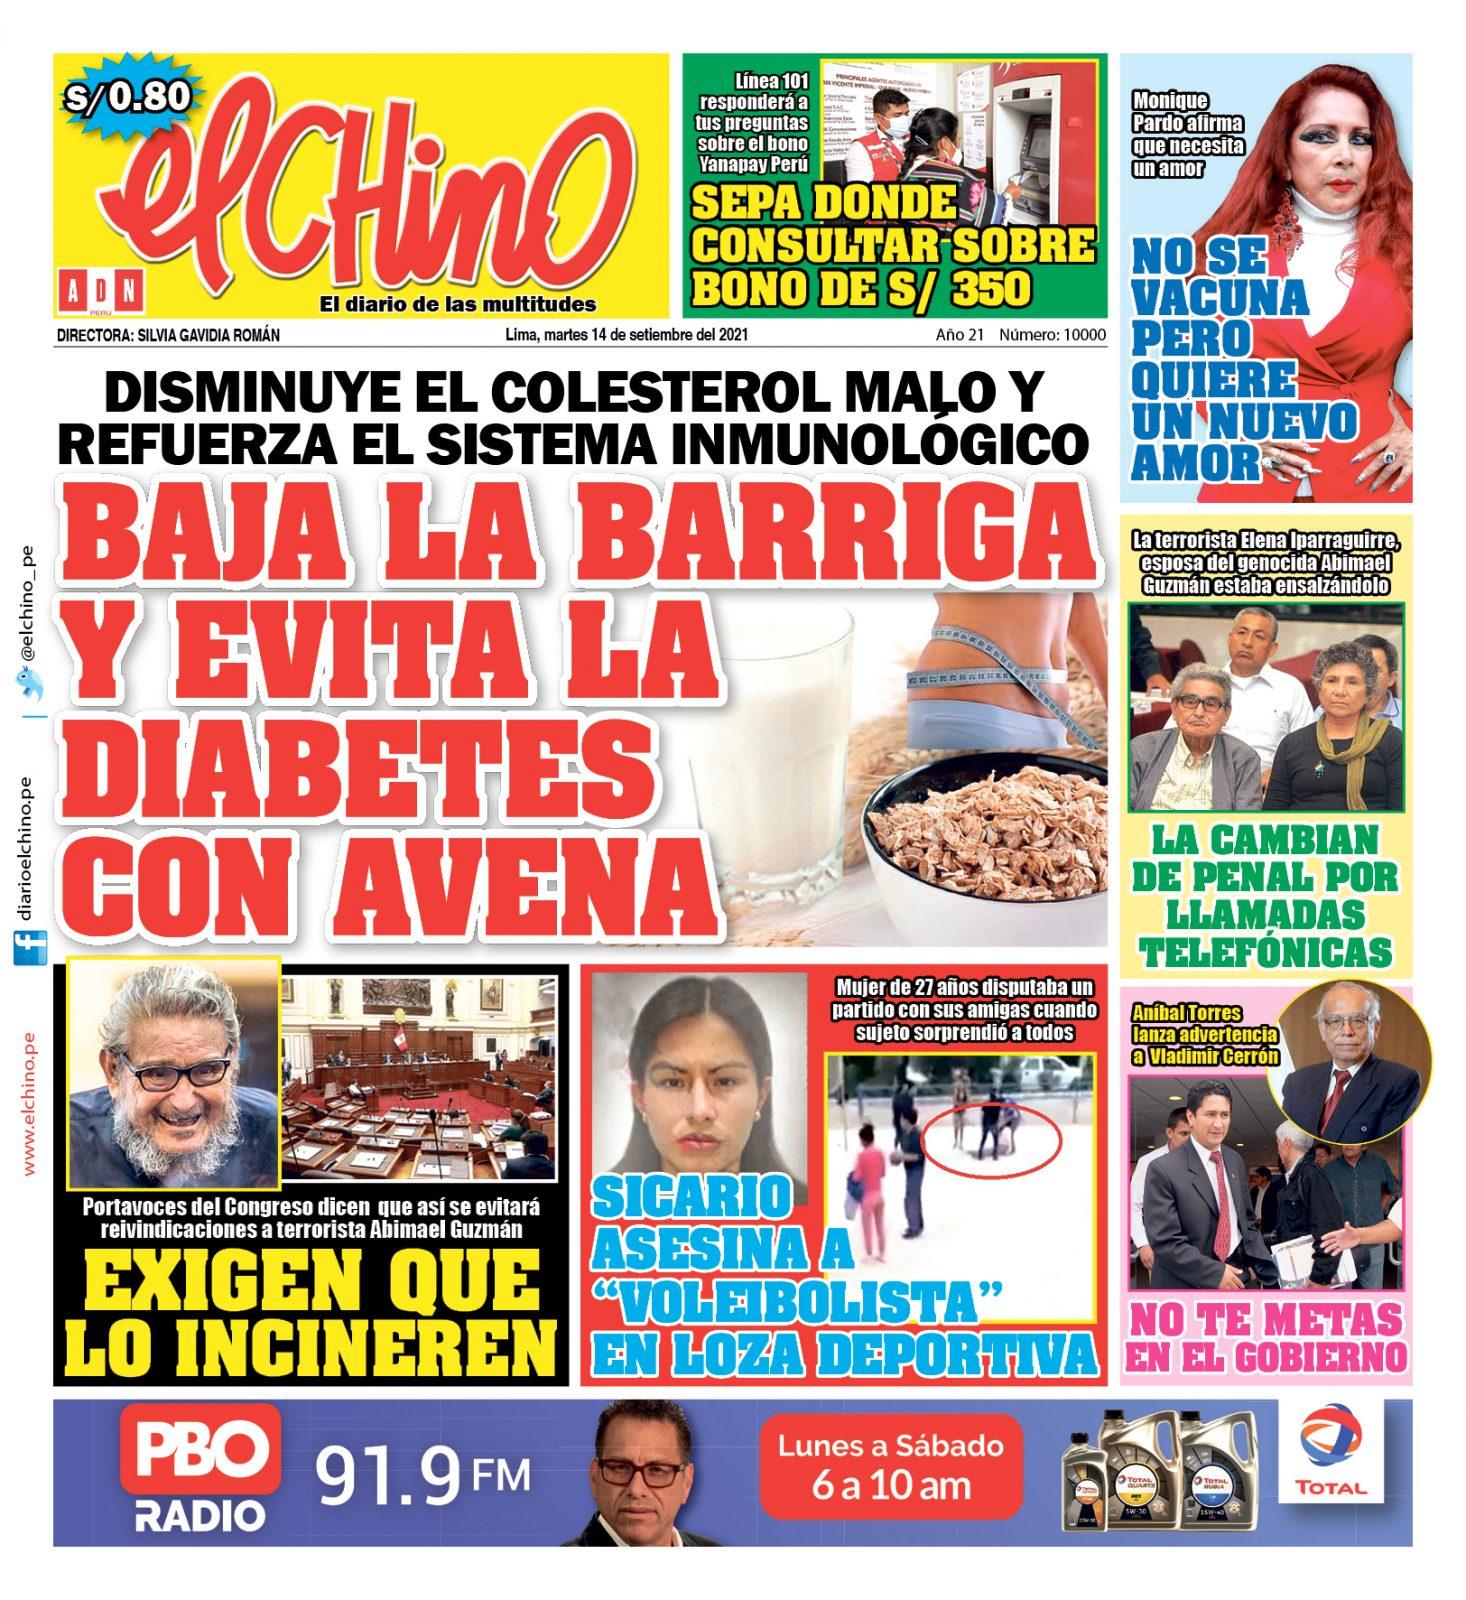 Portada impresa – Diario El Chino (14/09/2021)